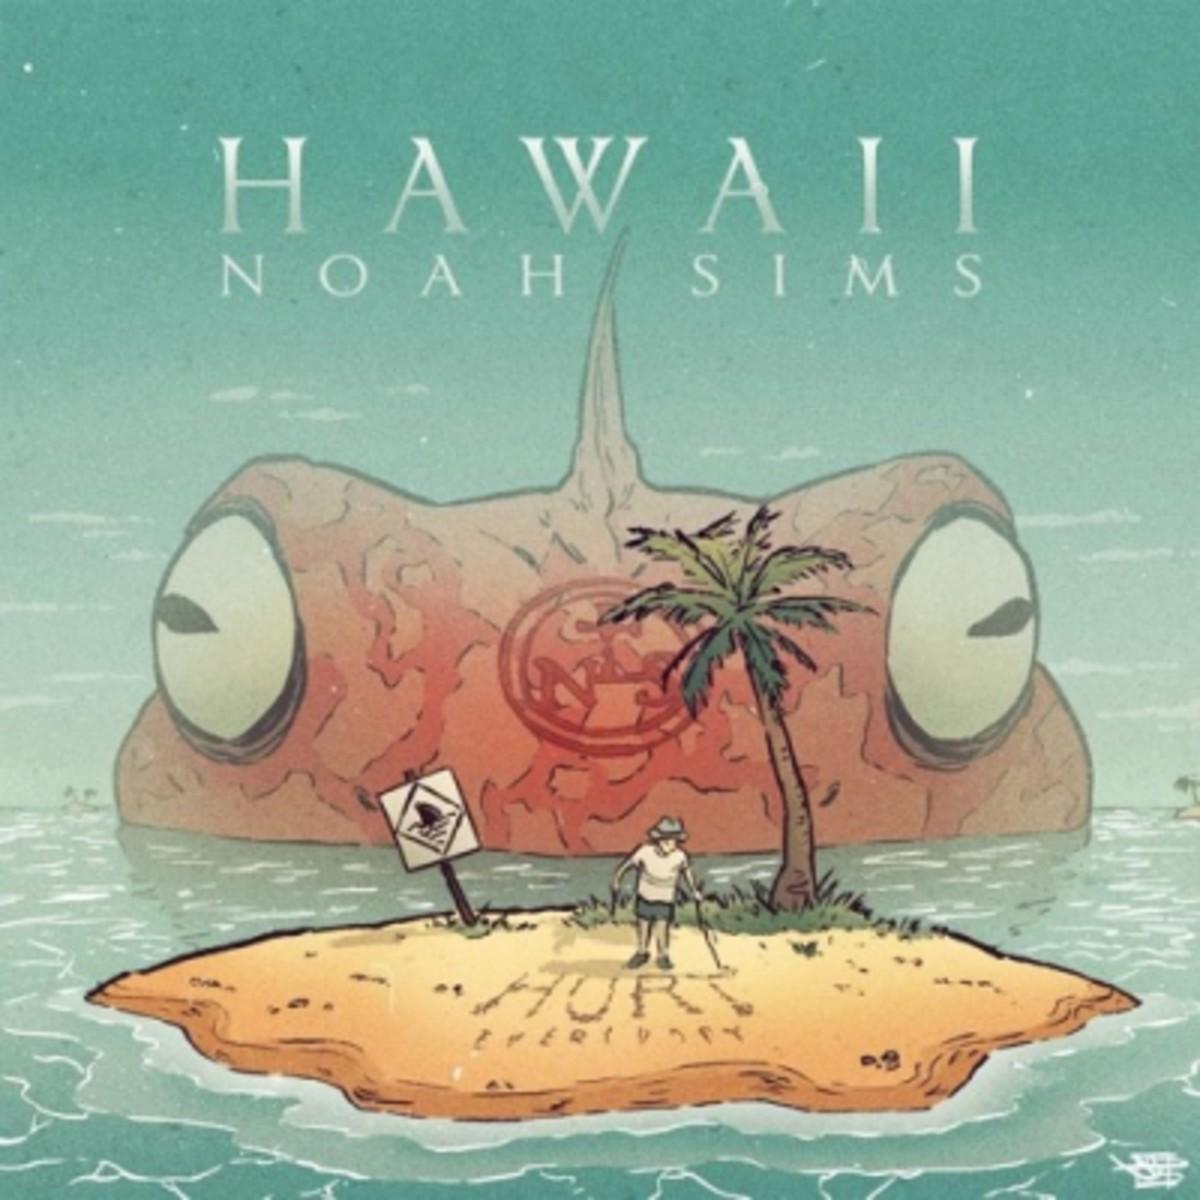 noah-sims-hawaii.jpg